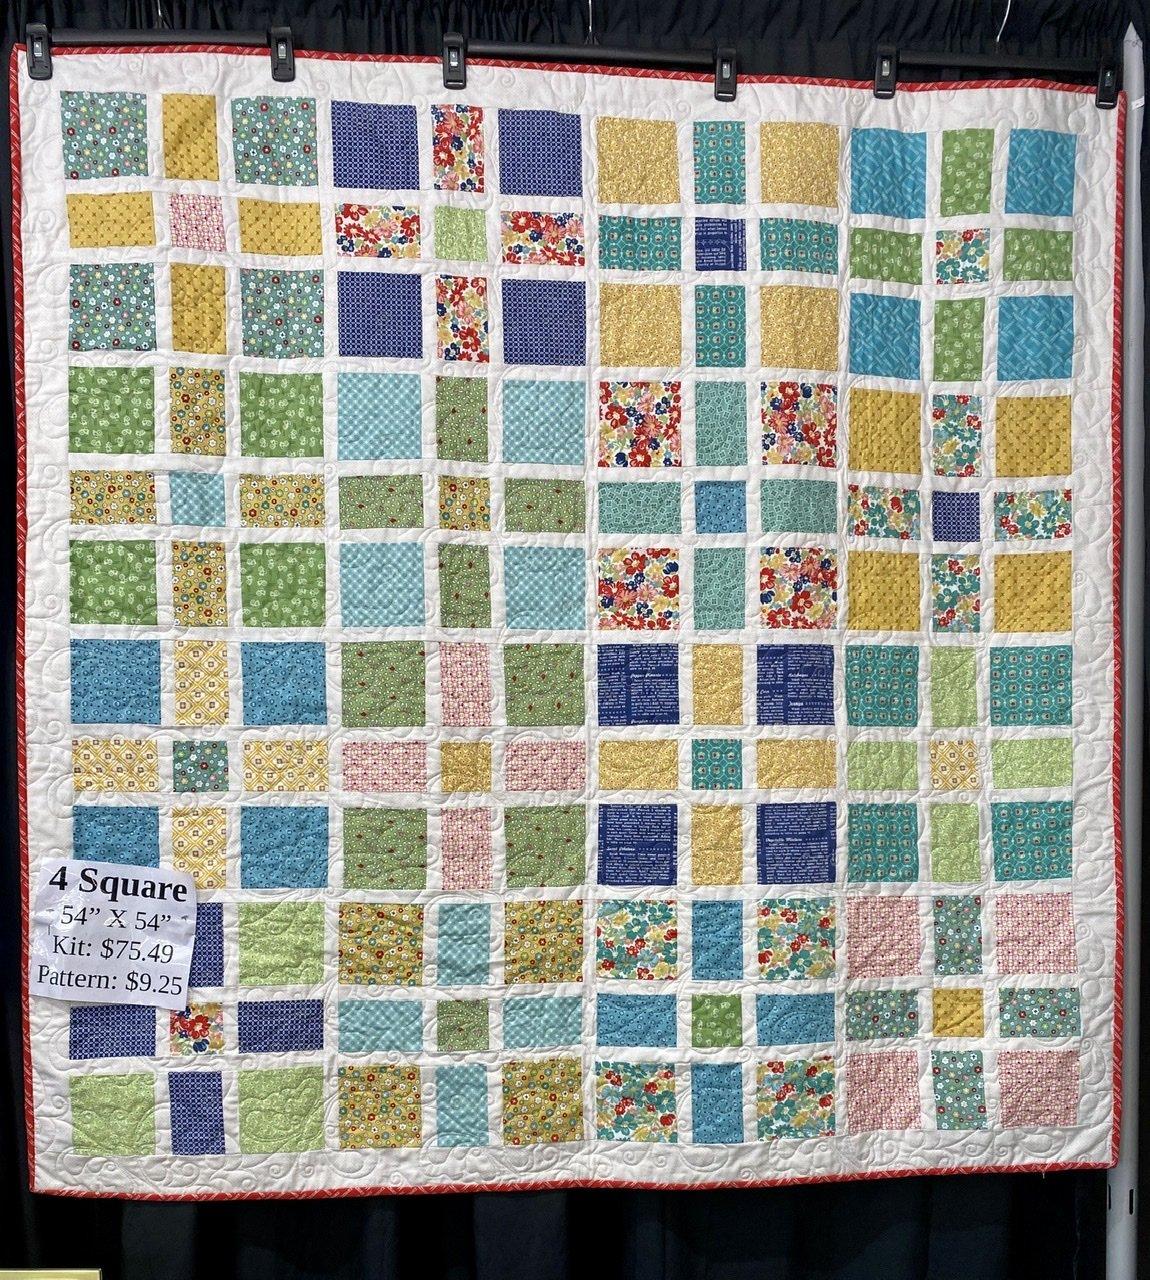 4-Square Kit